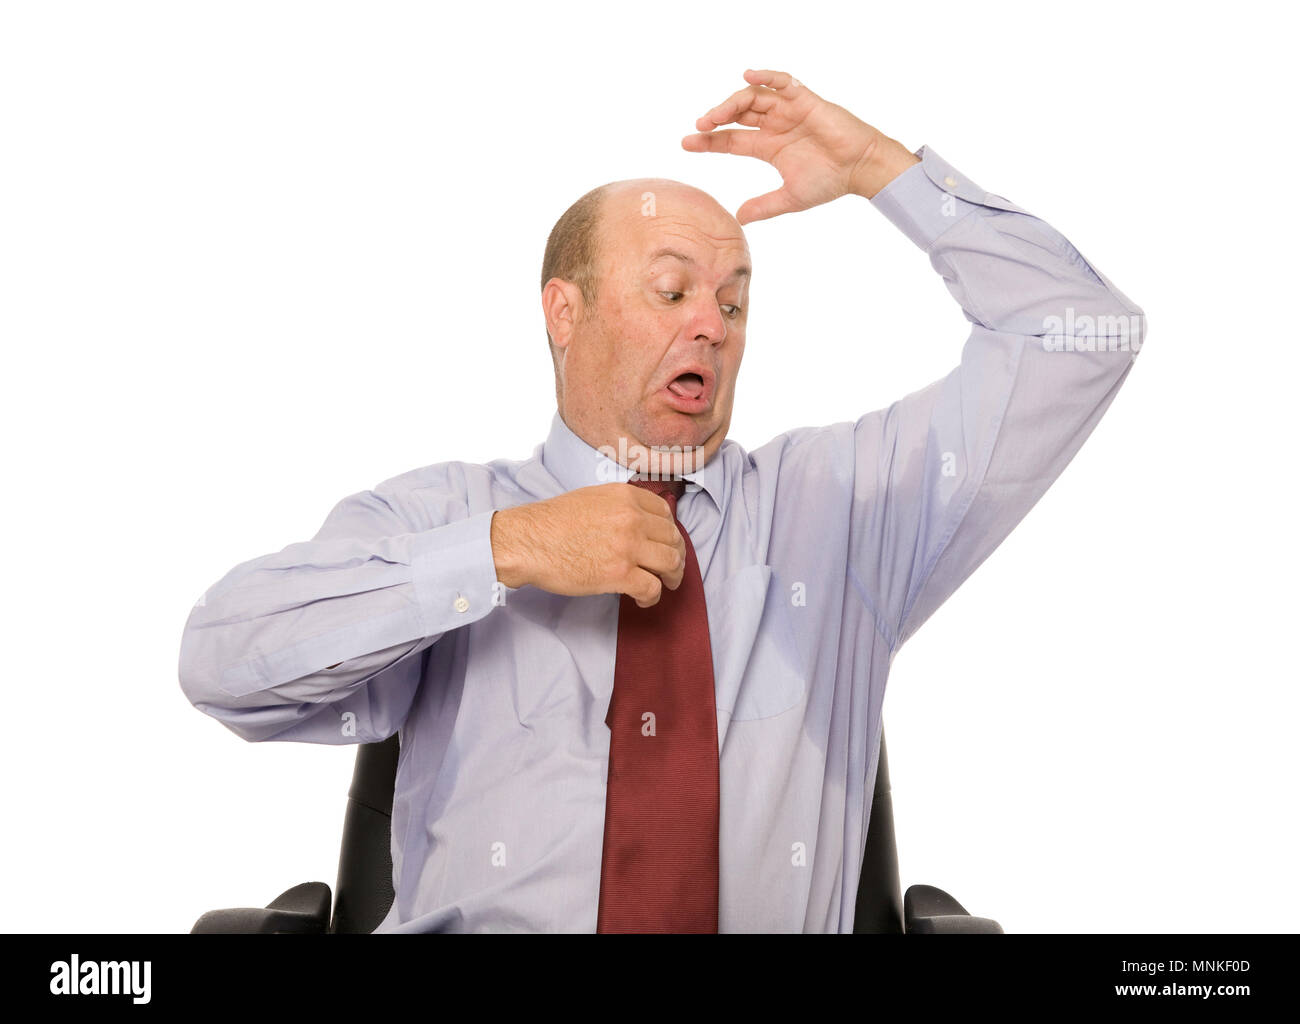 Un hombre de negocios advierte que su sudor. Imagen De Stock